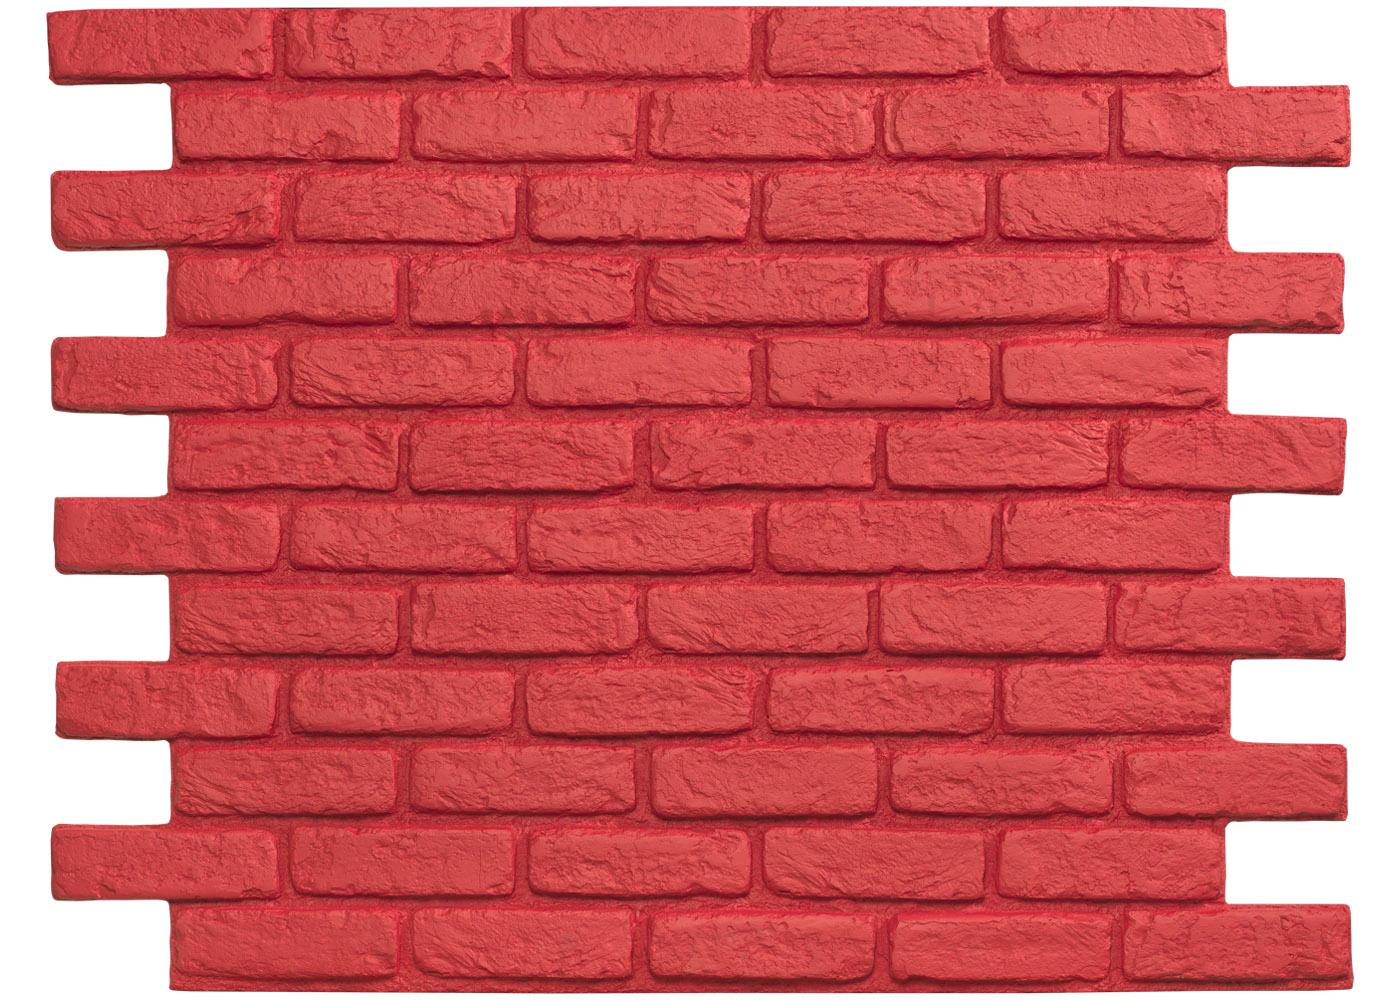 Brique Rouge Parement Mur En Briques Panneau Decoratif Parement